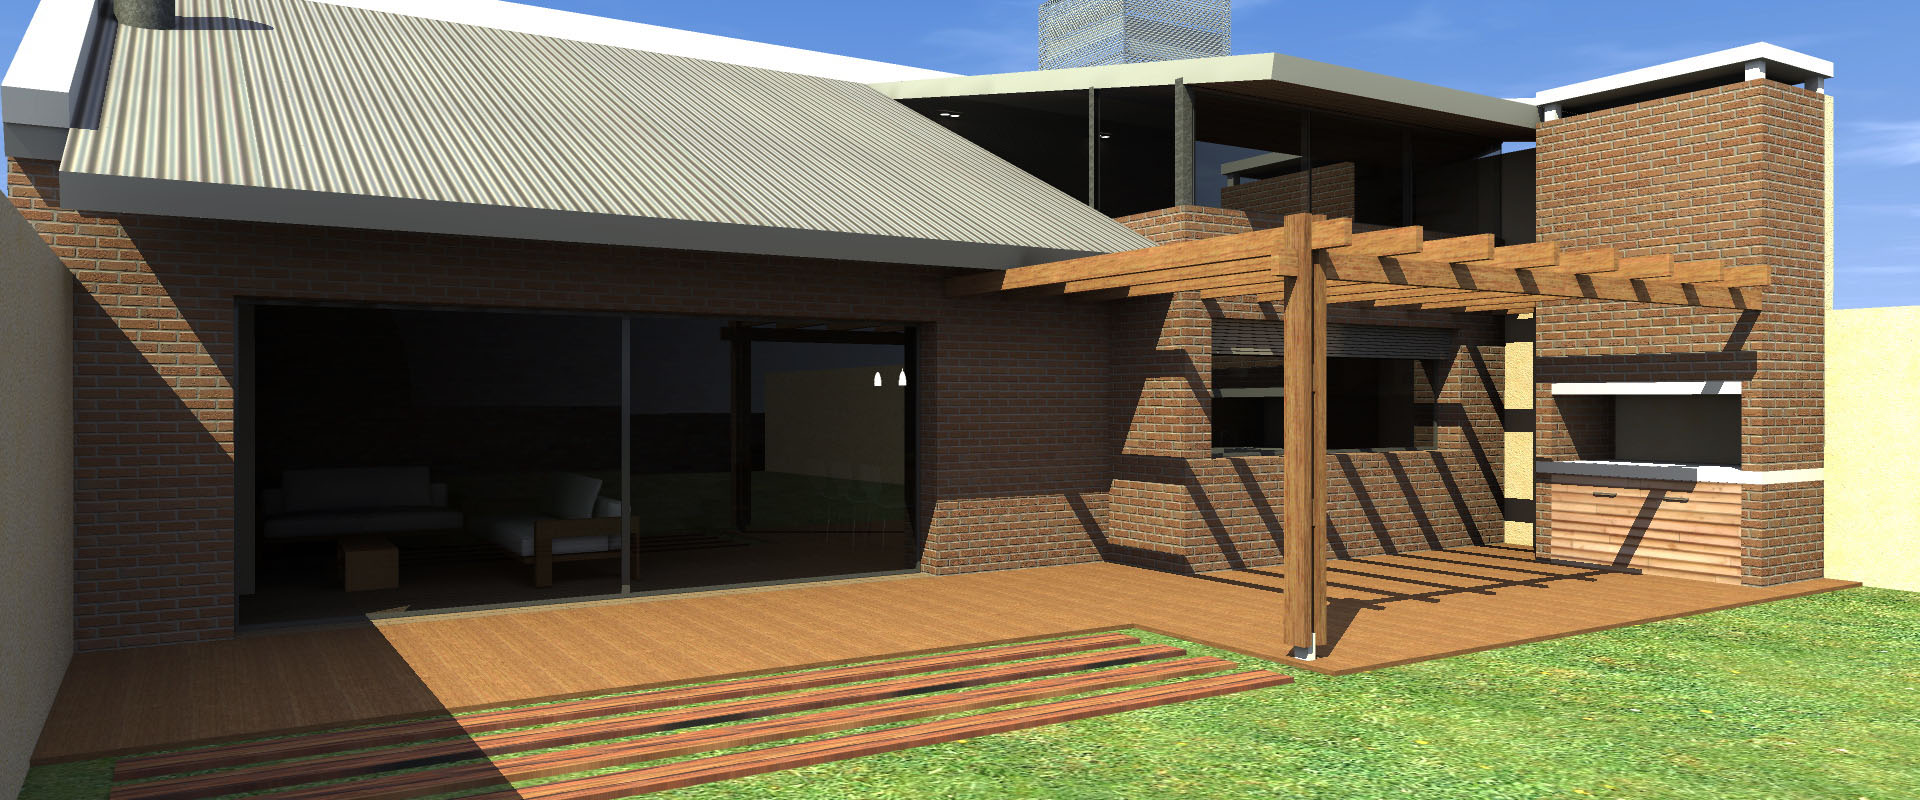 estudio_arquitectura_rosario_villa_constitucion_bogatta_slide